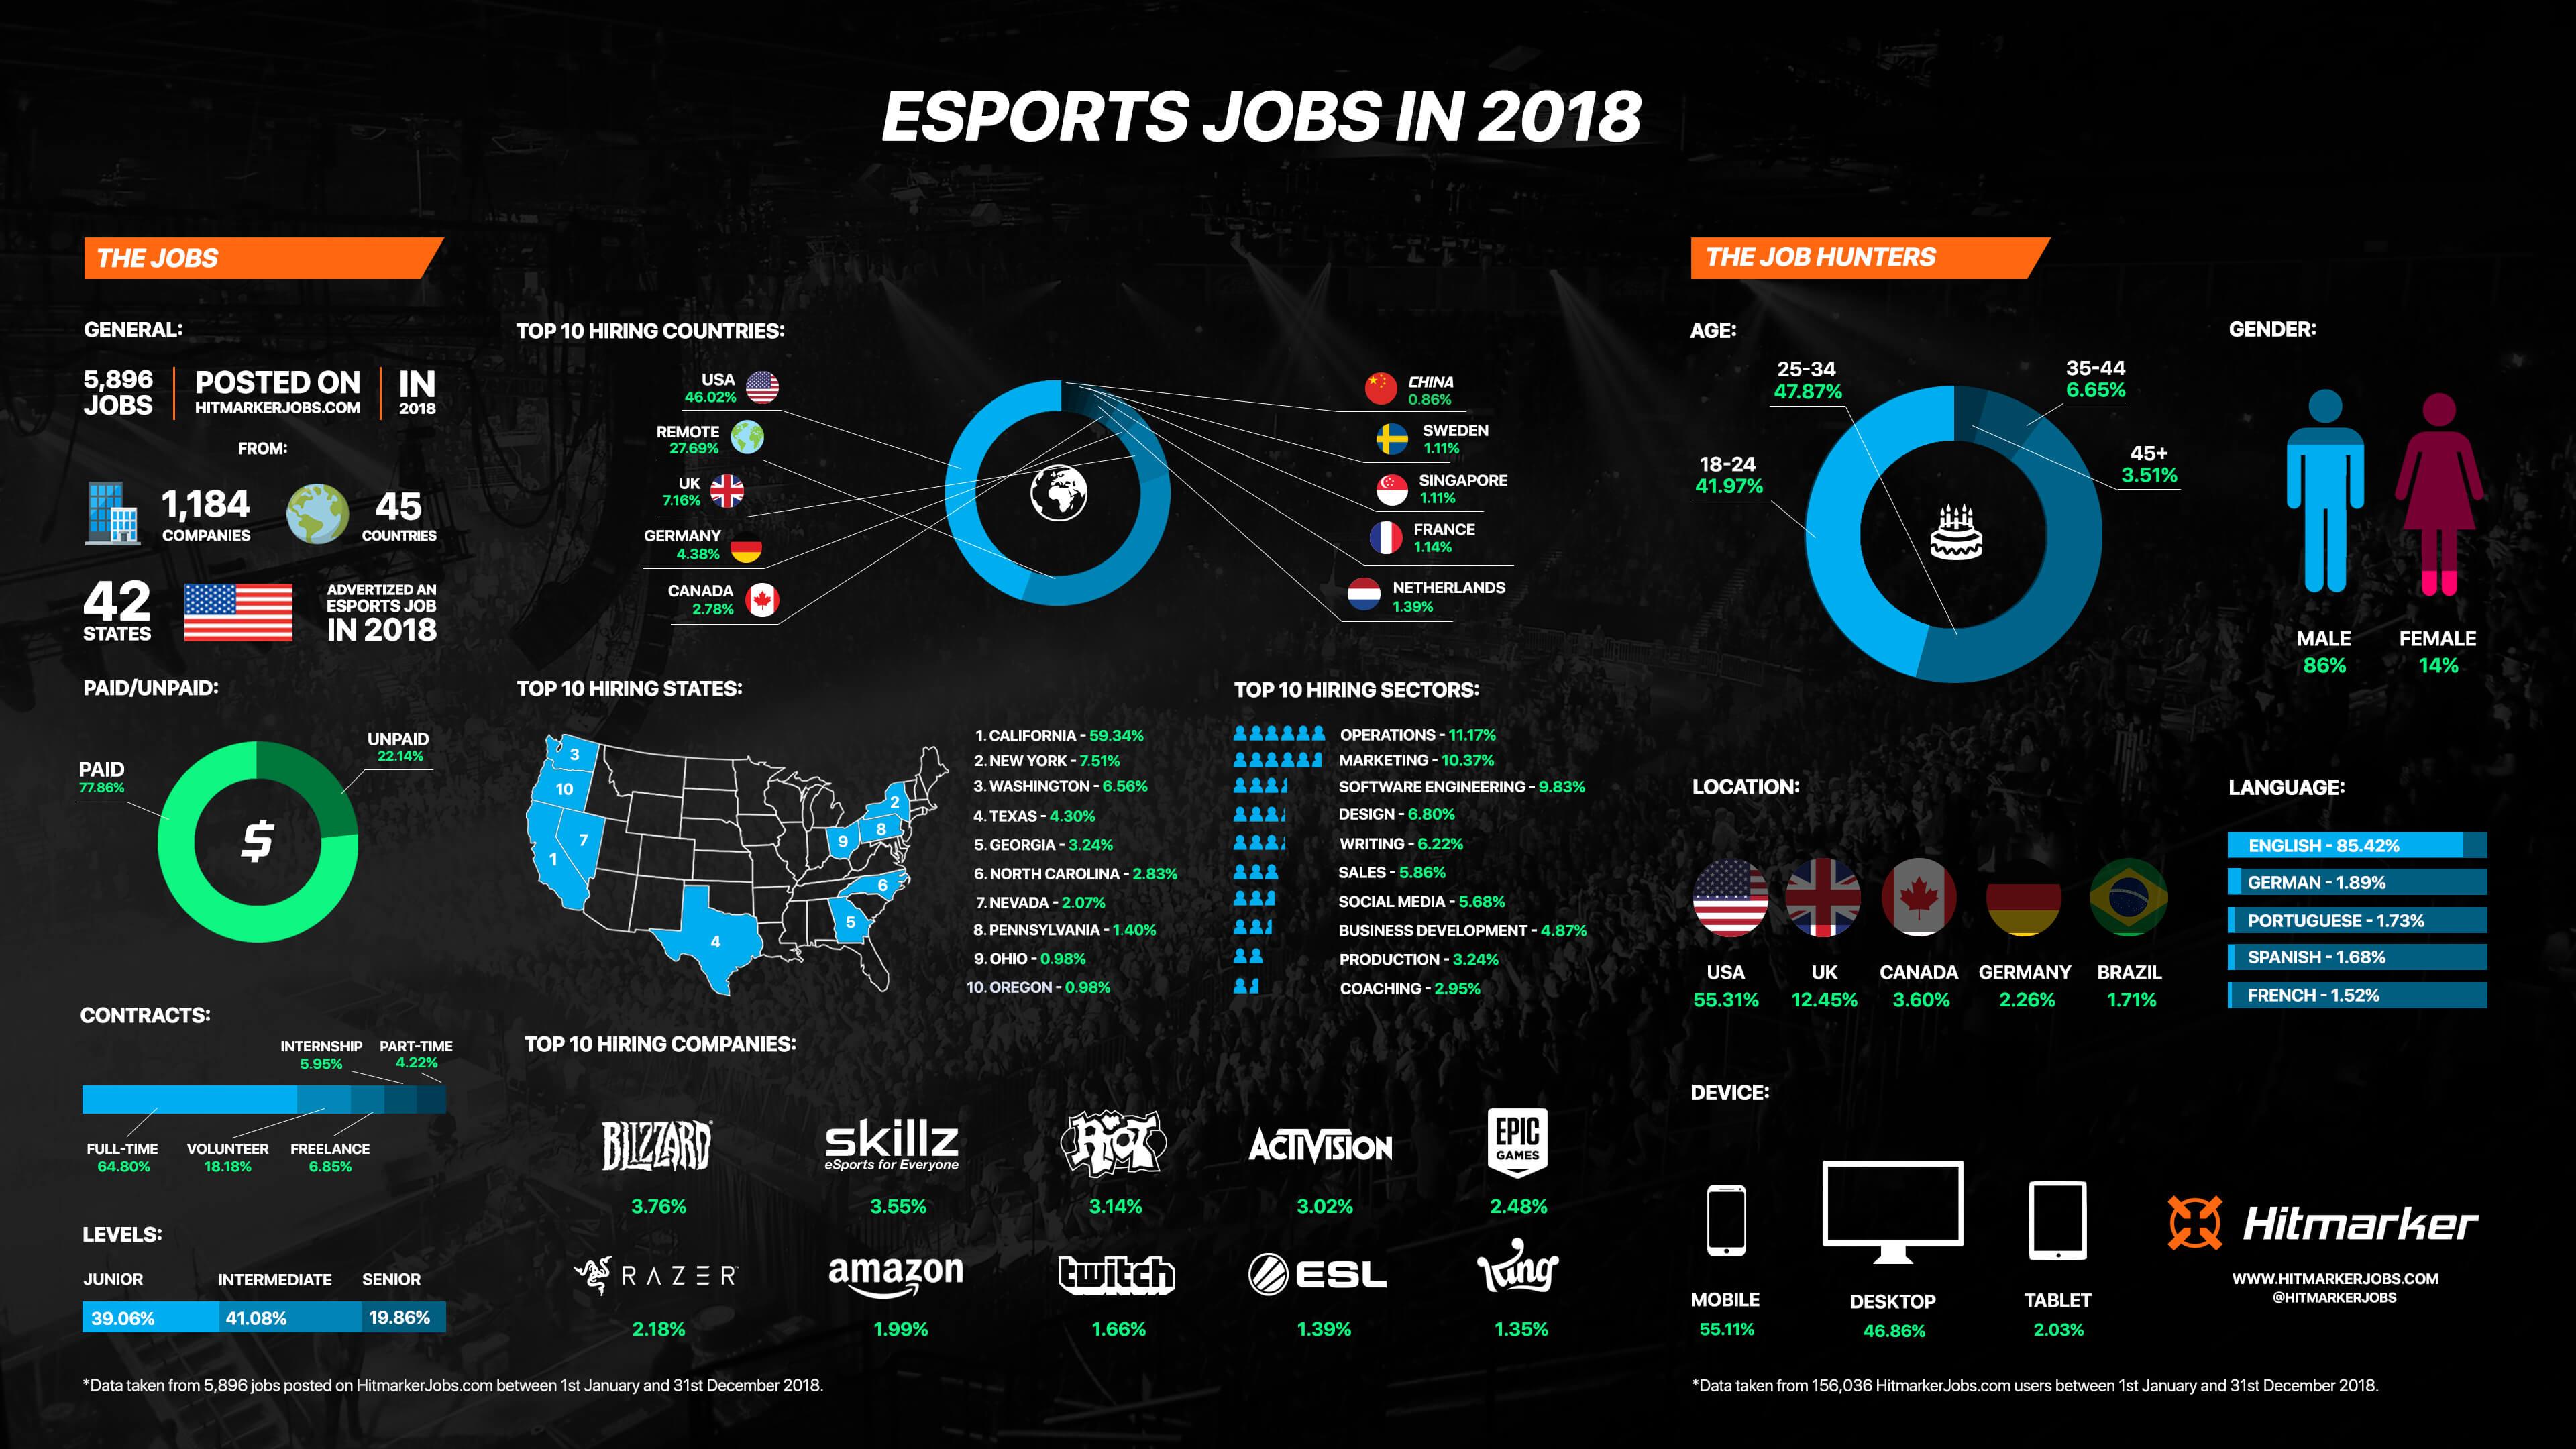 Infografía: Las oportunidades laborales de los eSports en 2018